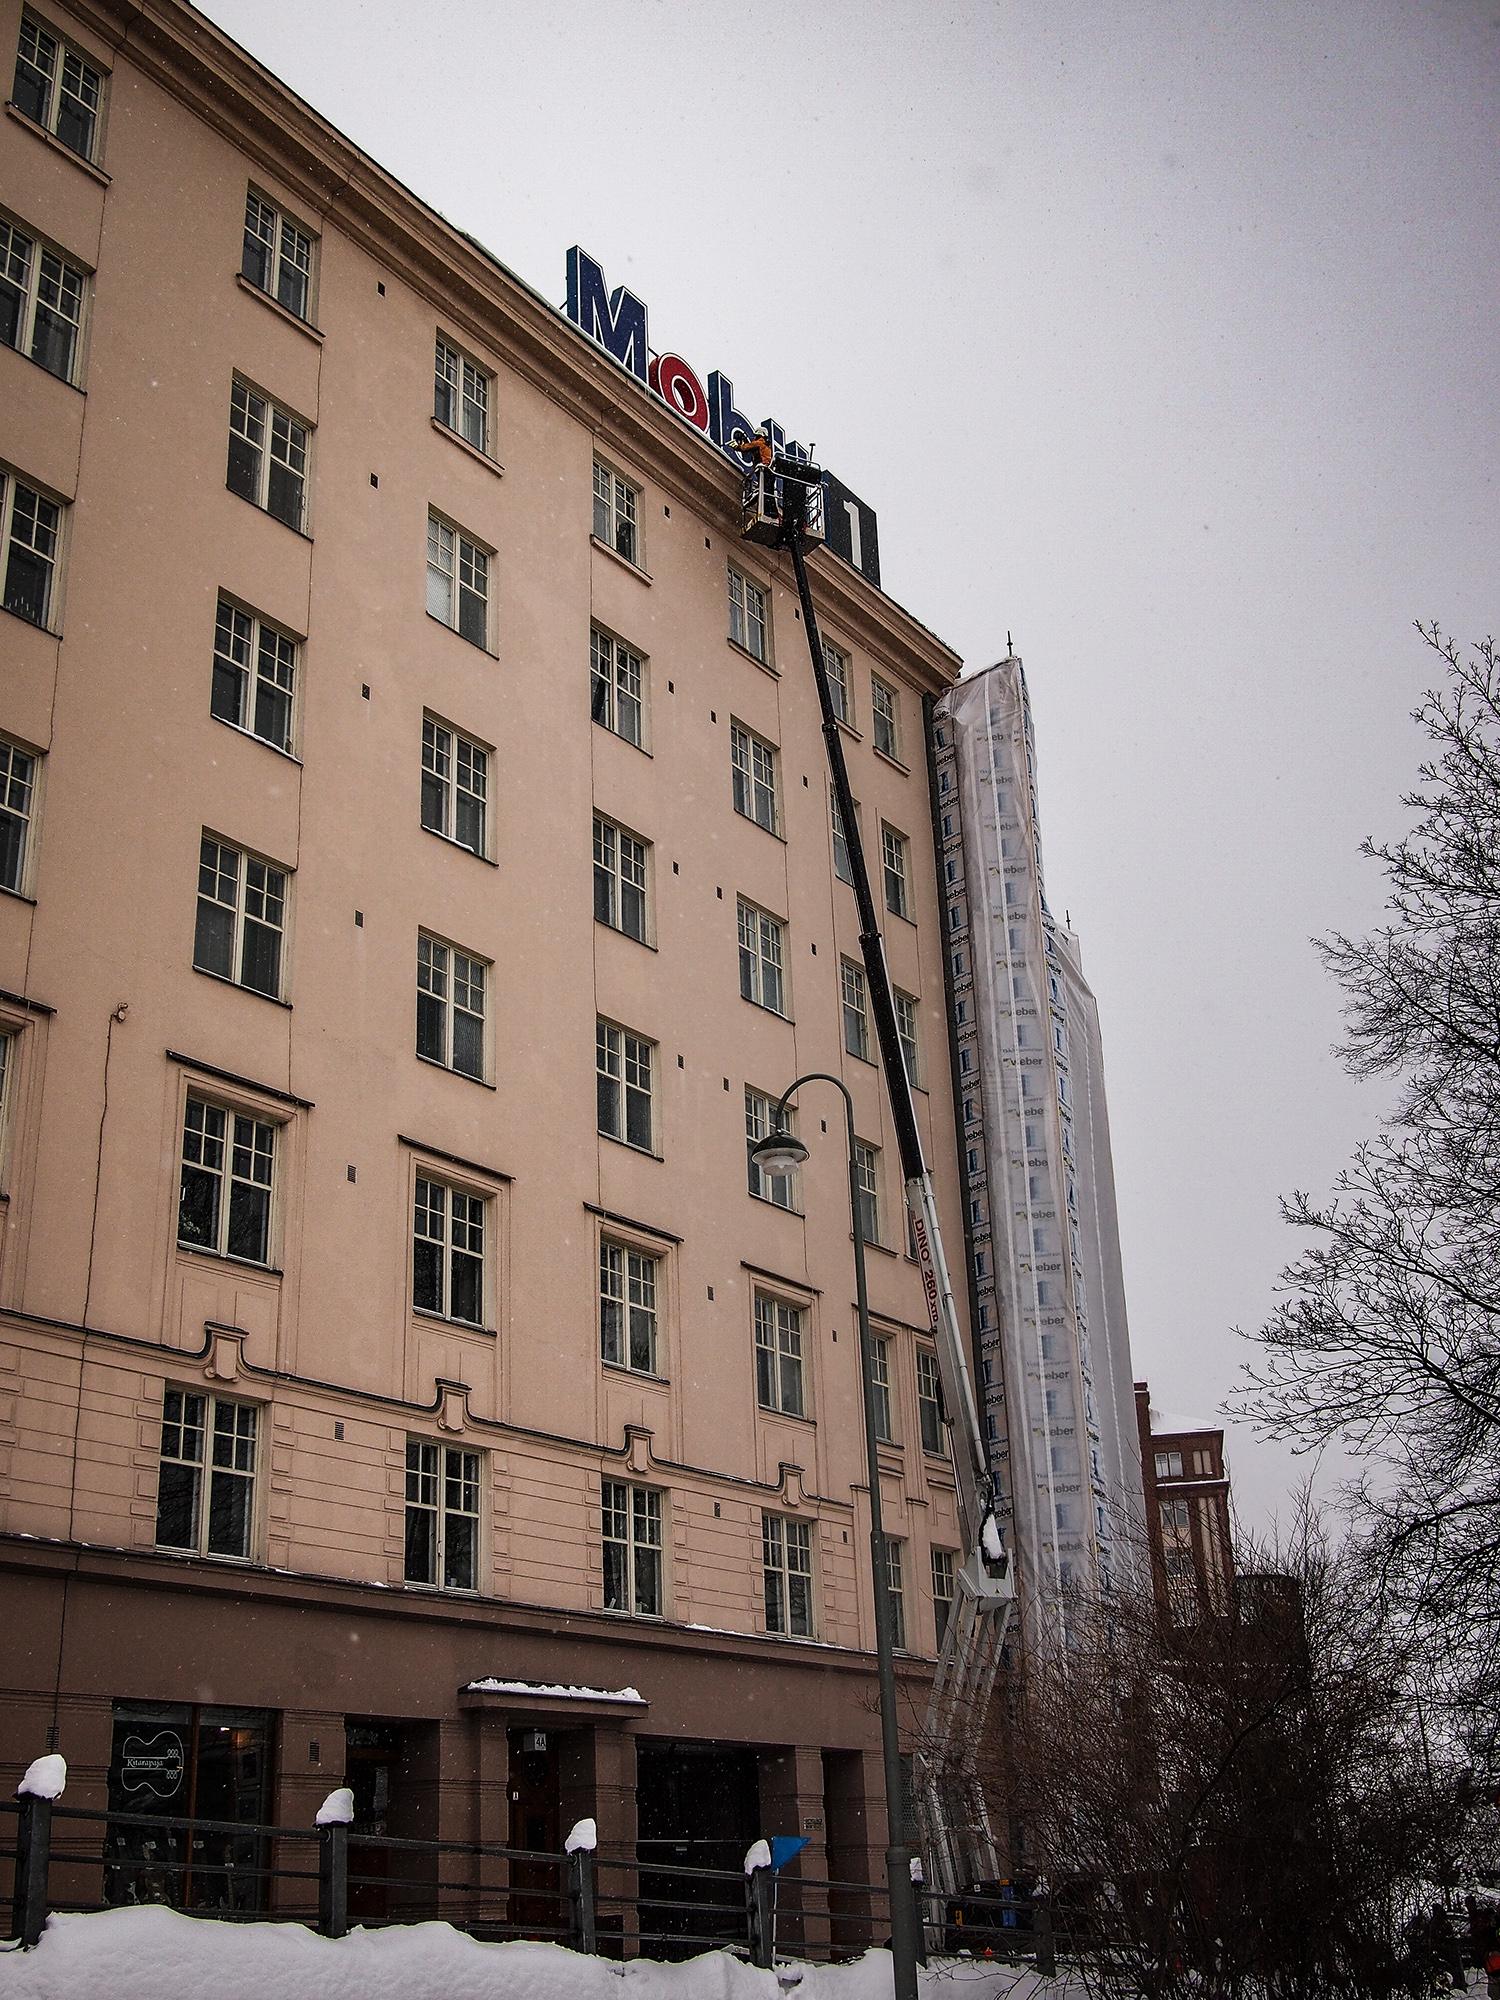 Lumenpudotus tarkastuspalvelu nostimella ollaan katsomassa katon korkeudella onko tarve pudottaa lunta